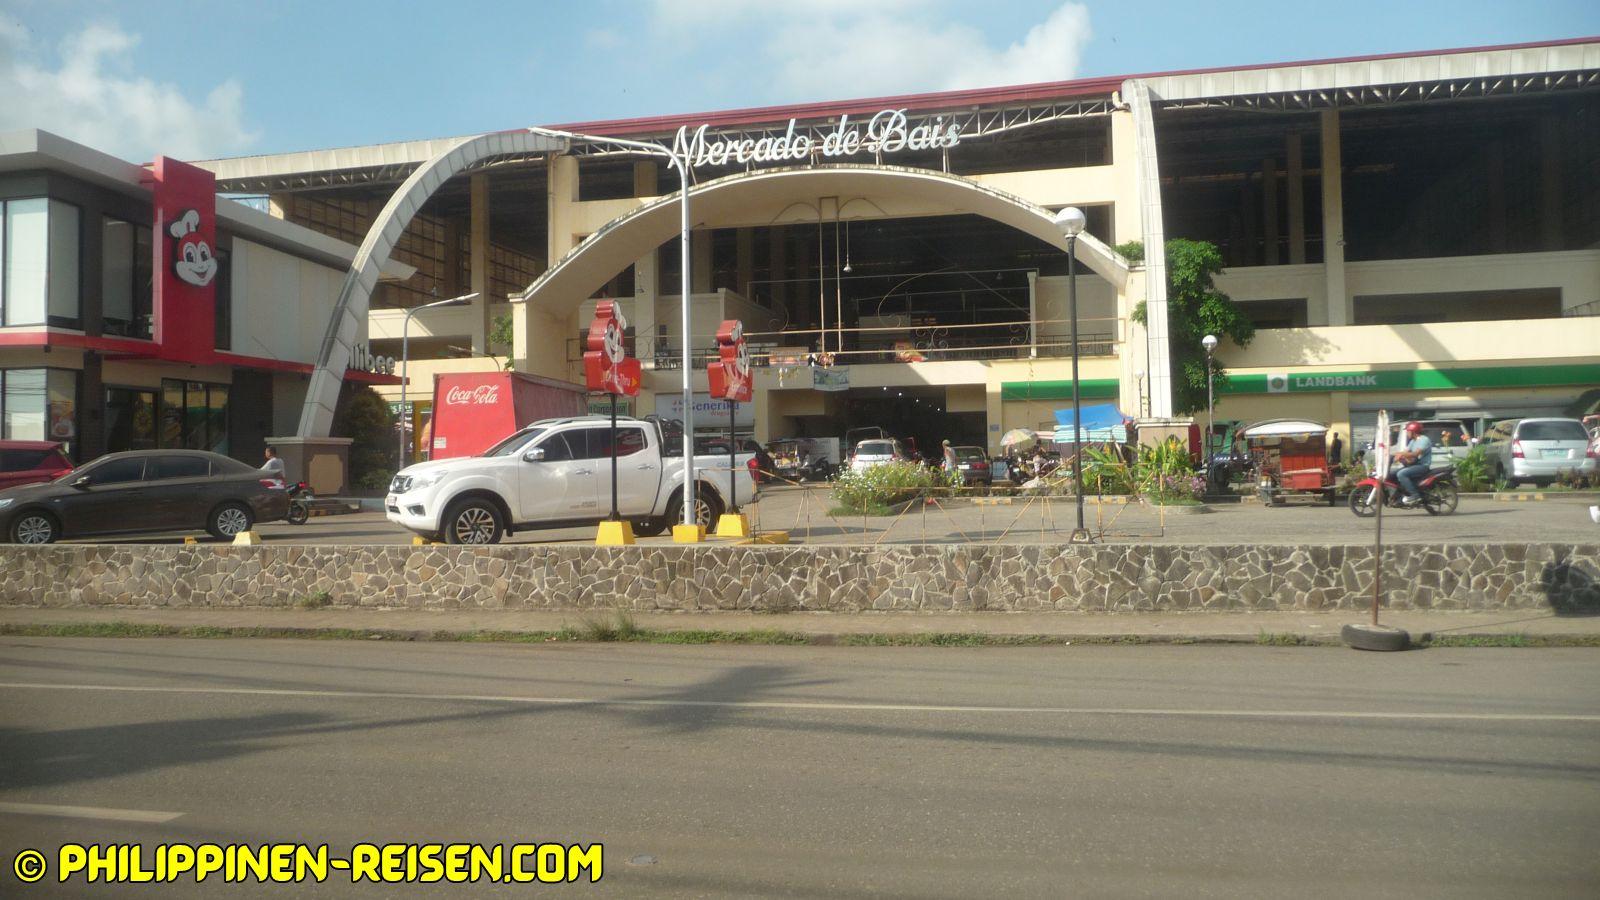 PHILIPPINEN REISEN - ORTE- NEGROS - NEGROS ORIENTAL - Touristische Beschreibung für die Stadt Bais